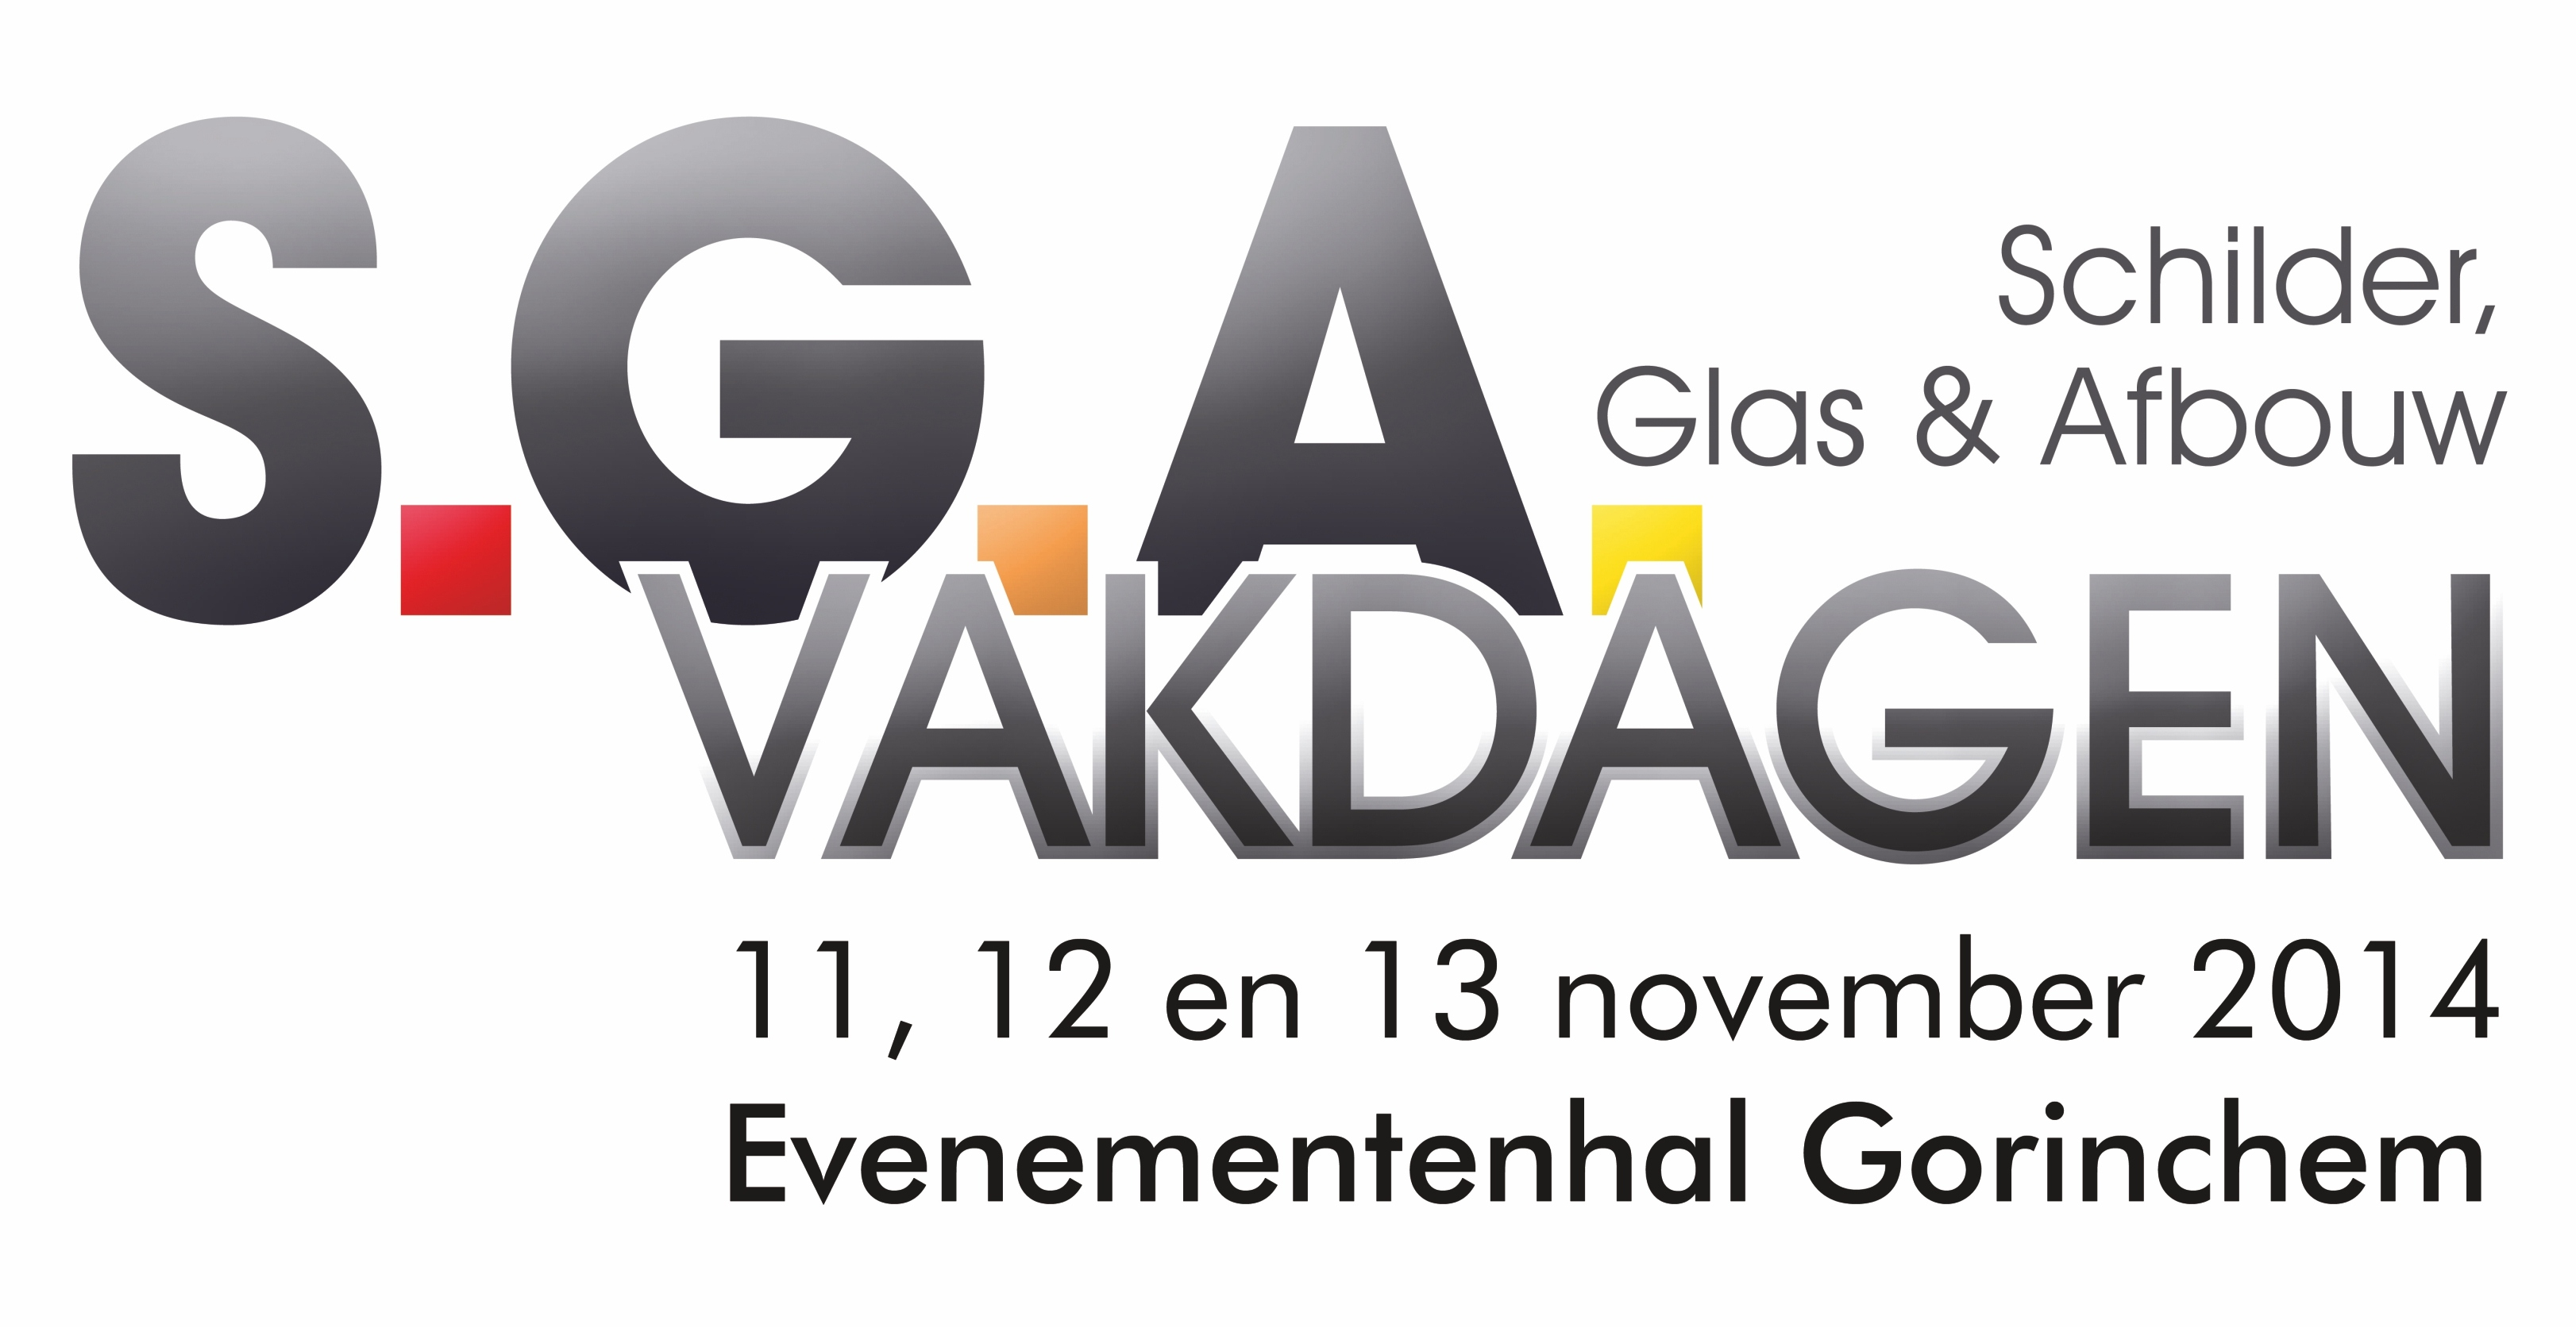 Vinywall naadloos behang op SGA Vakdagen te Gorinchem - MetroXL